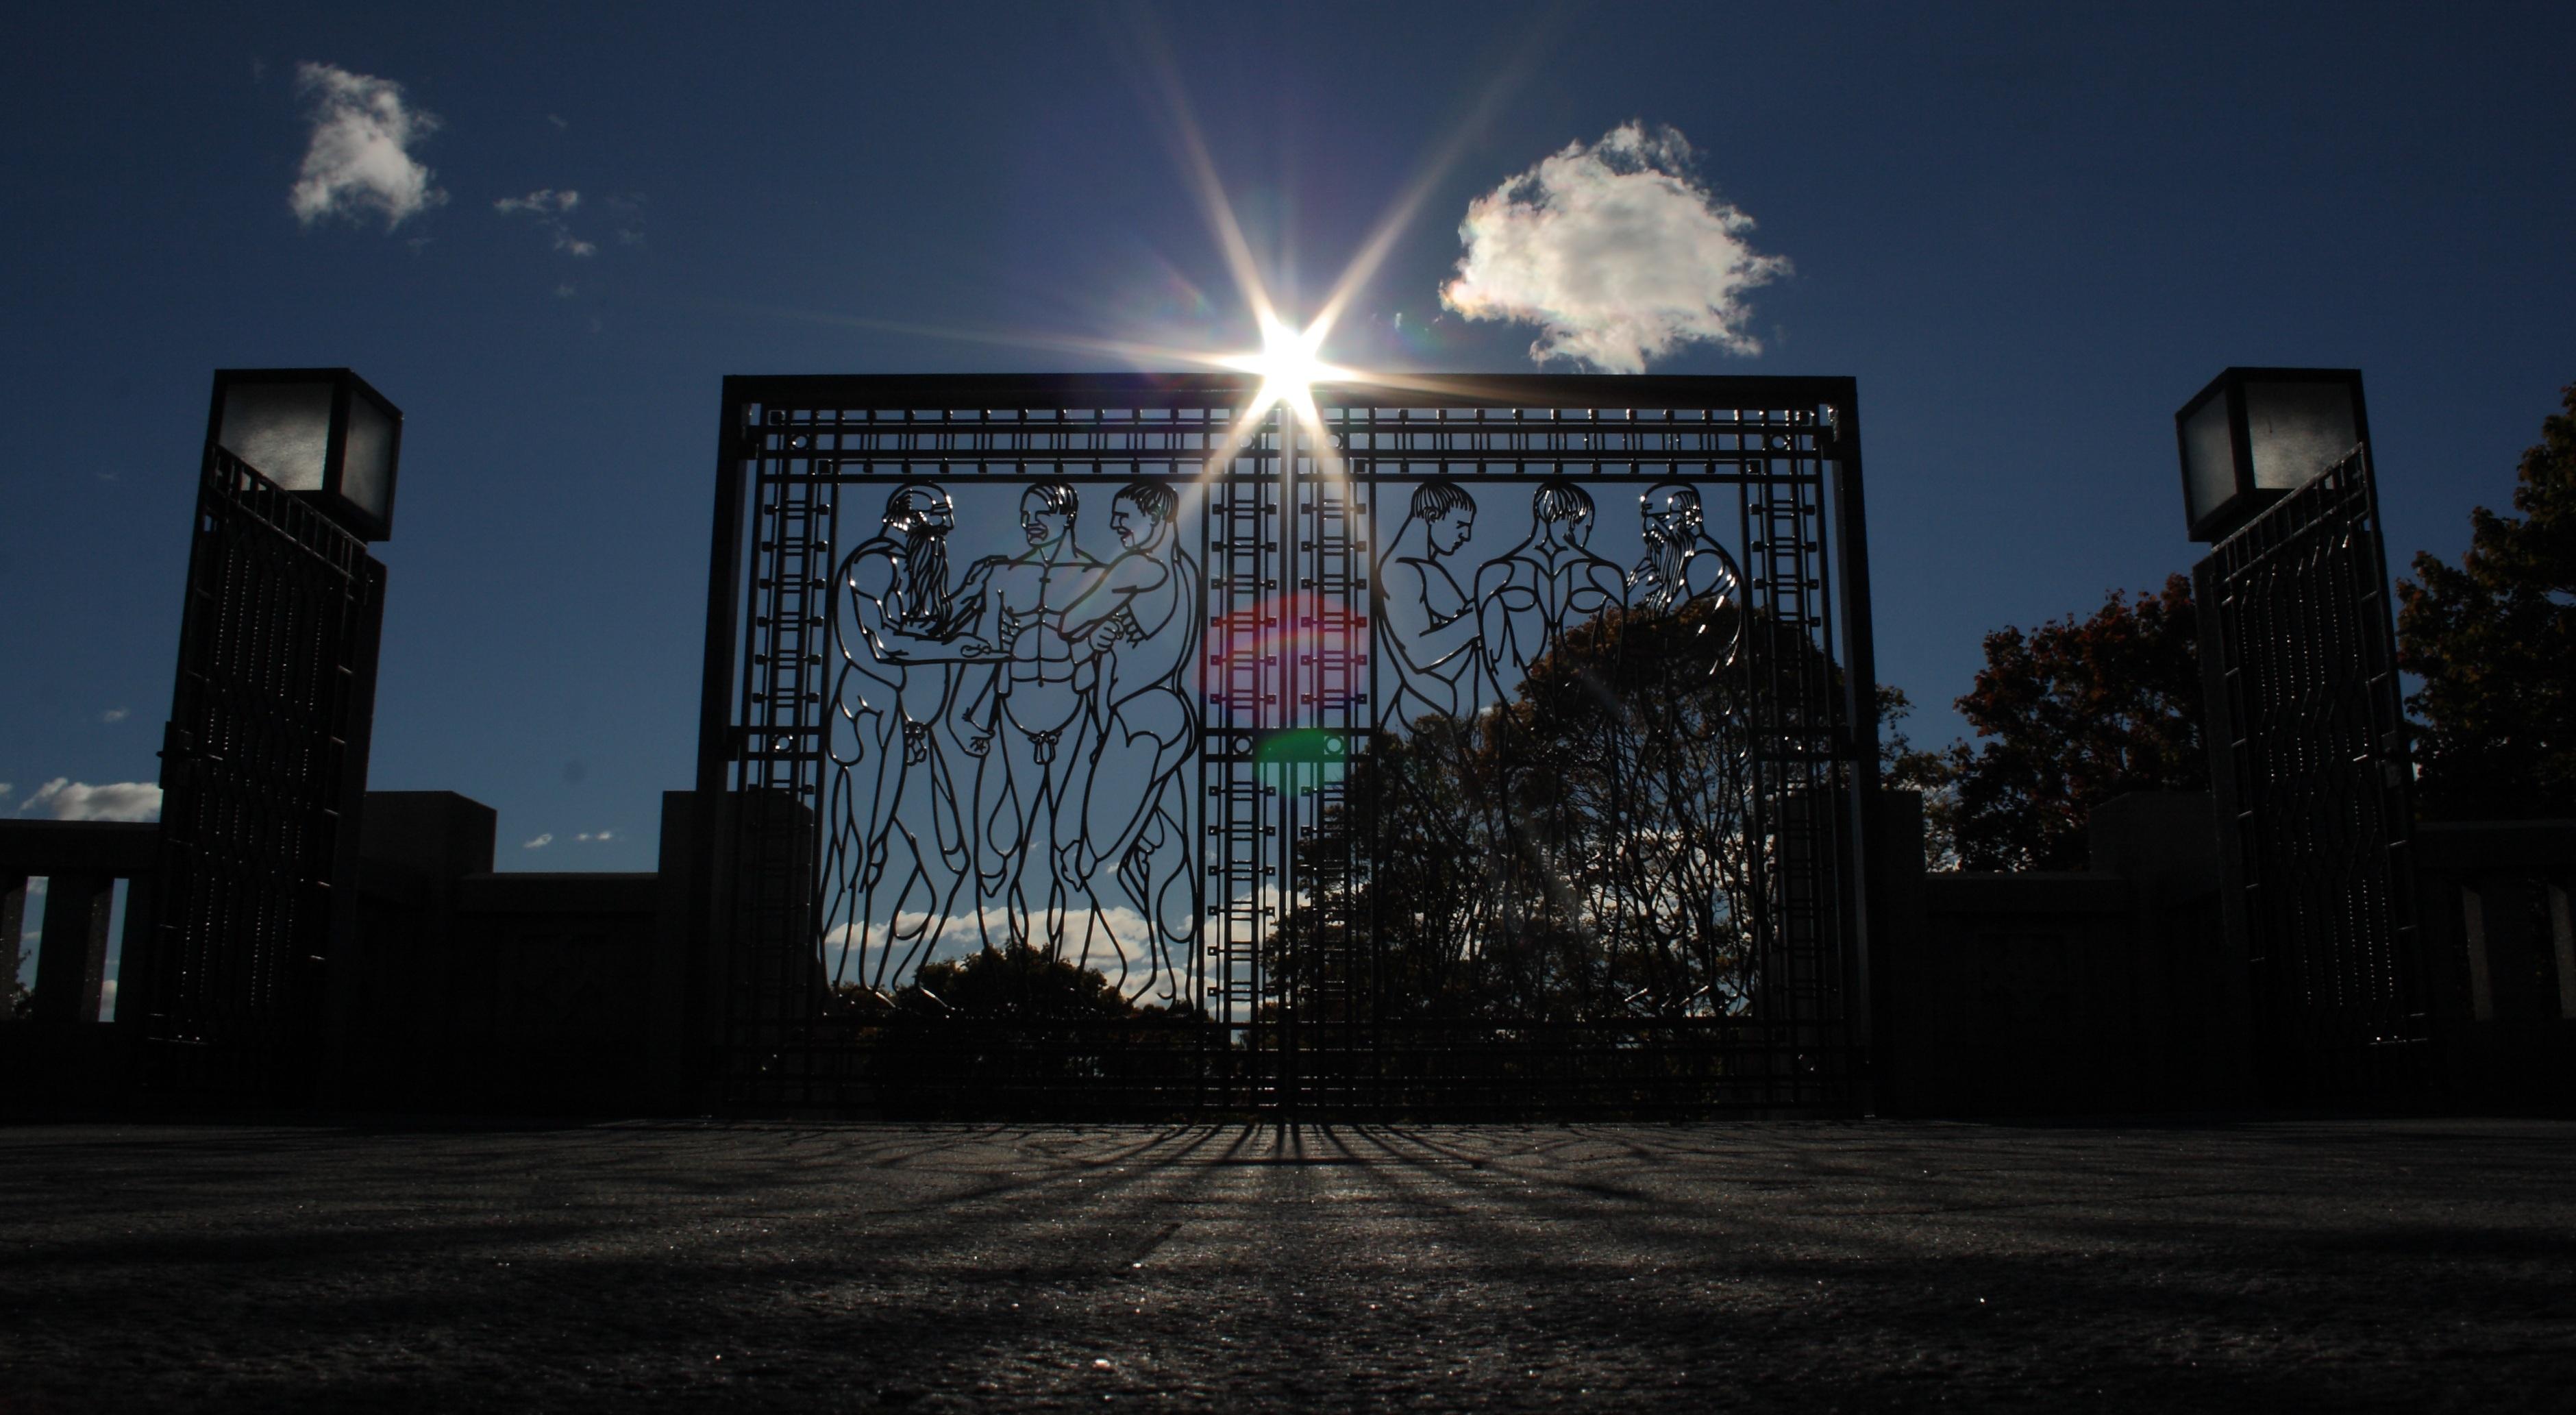 Puertas de entrada al parque de hierro forjado con hombres desnudos